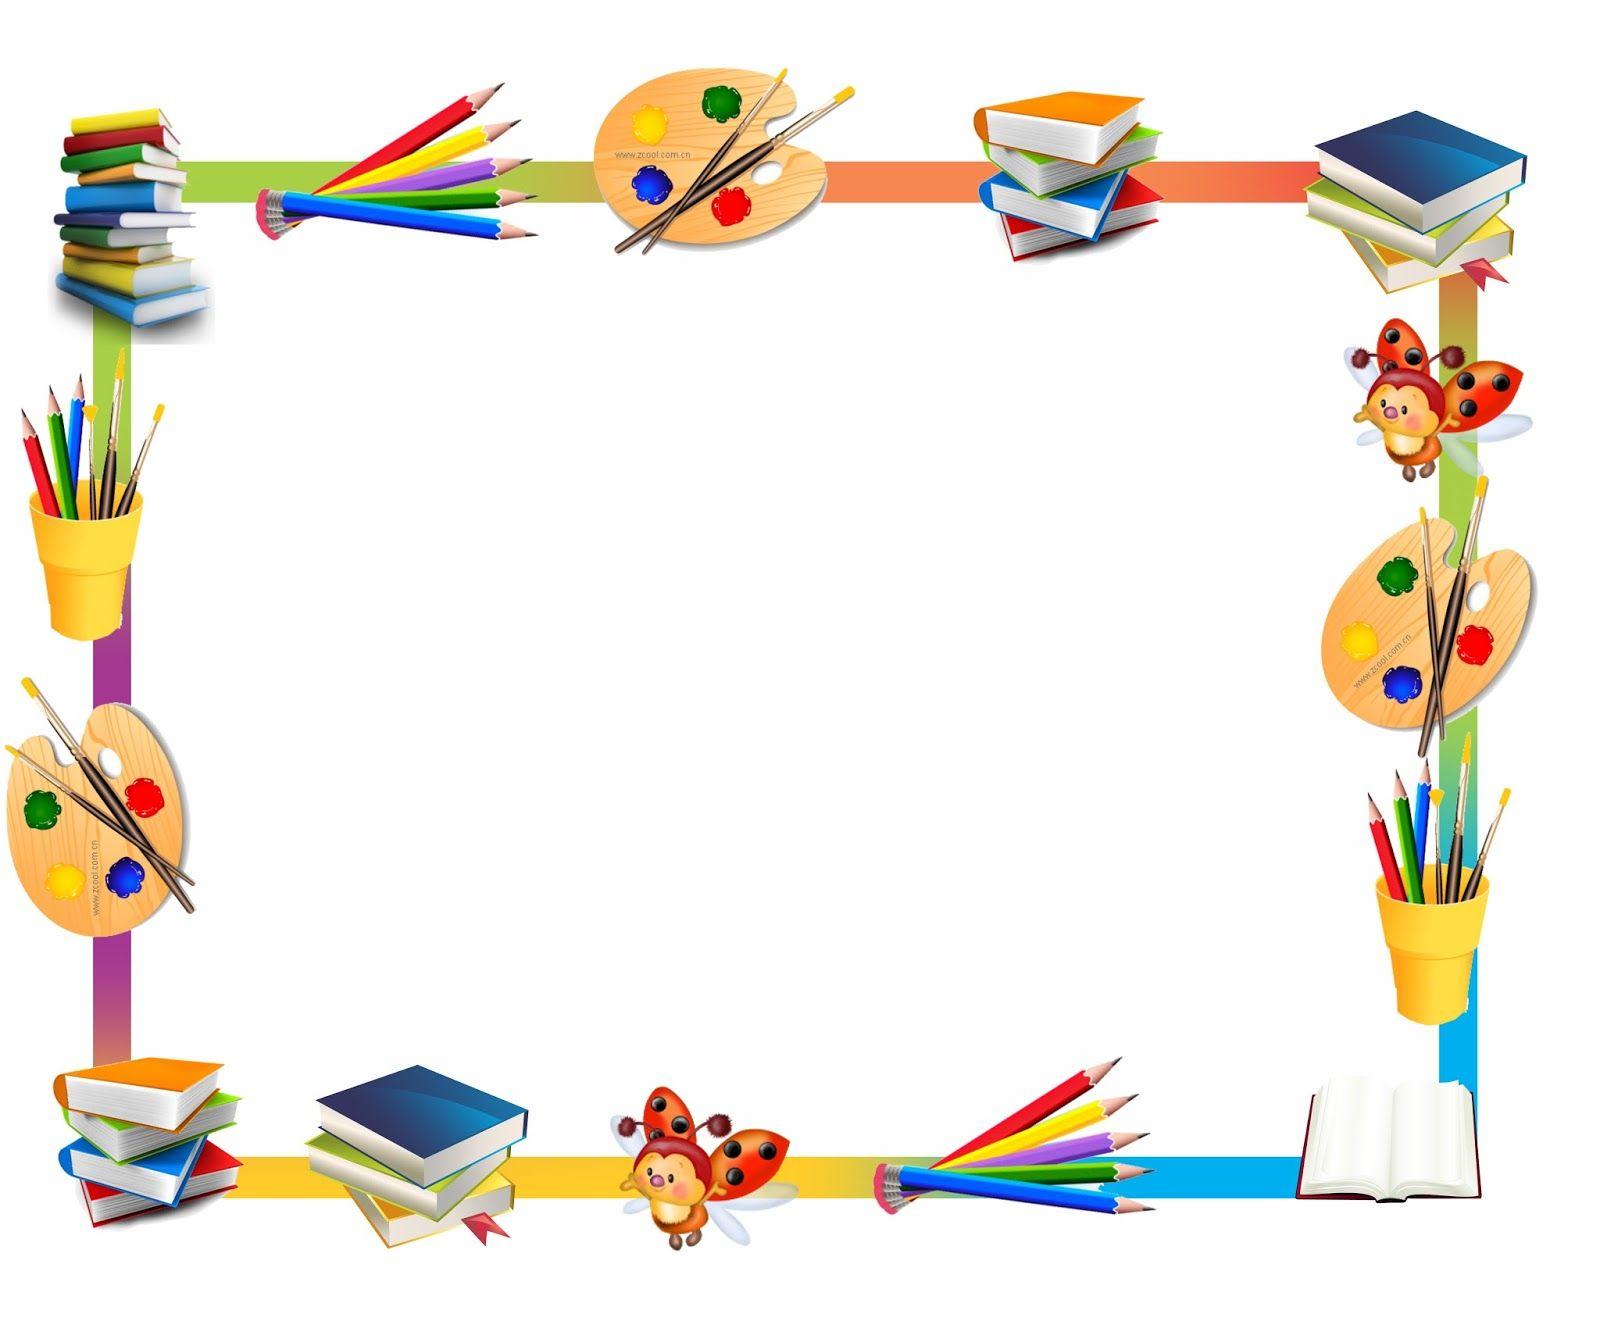 Borde escuela | Diplo | Pinterest | Preescolar, Escolares y Marcos